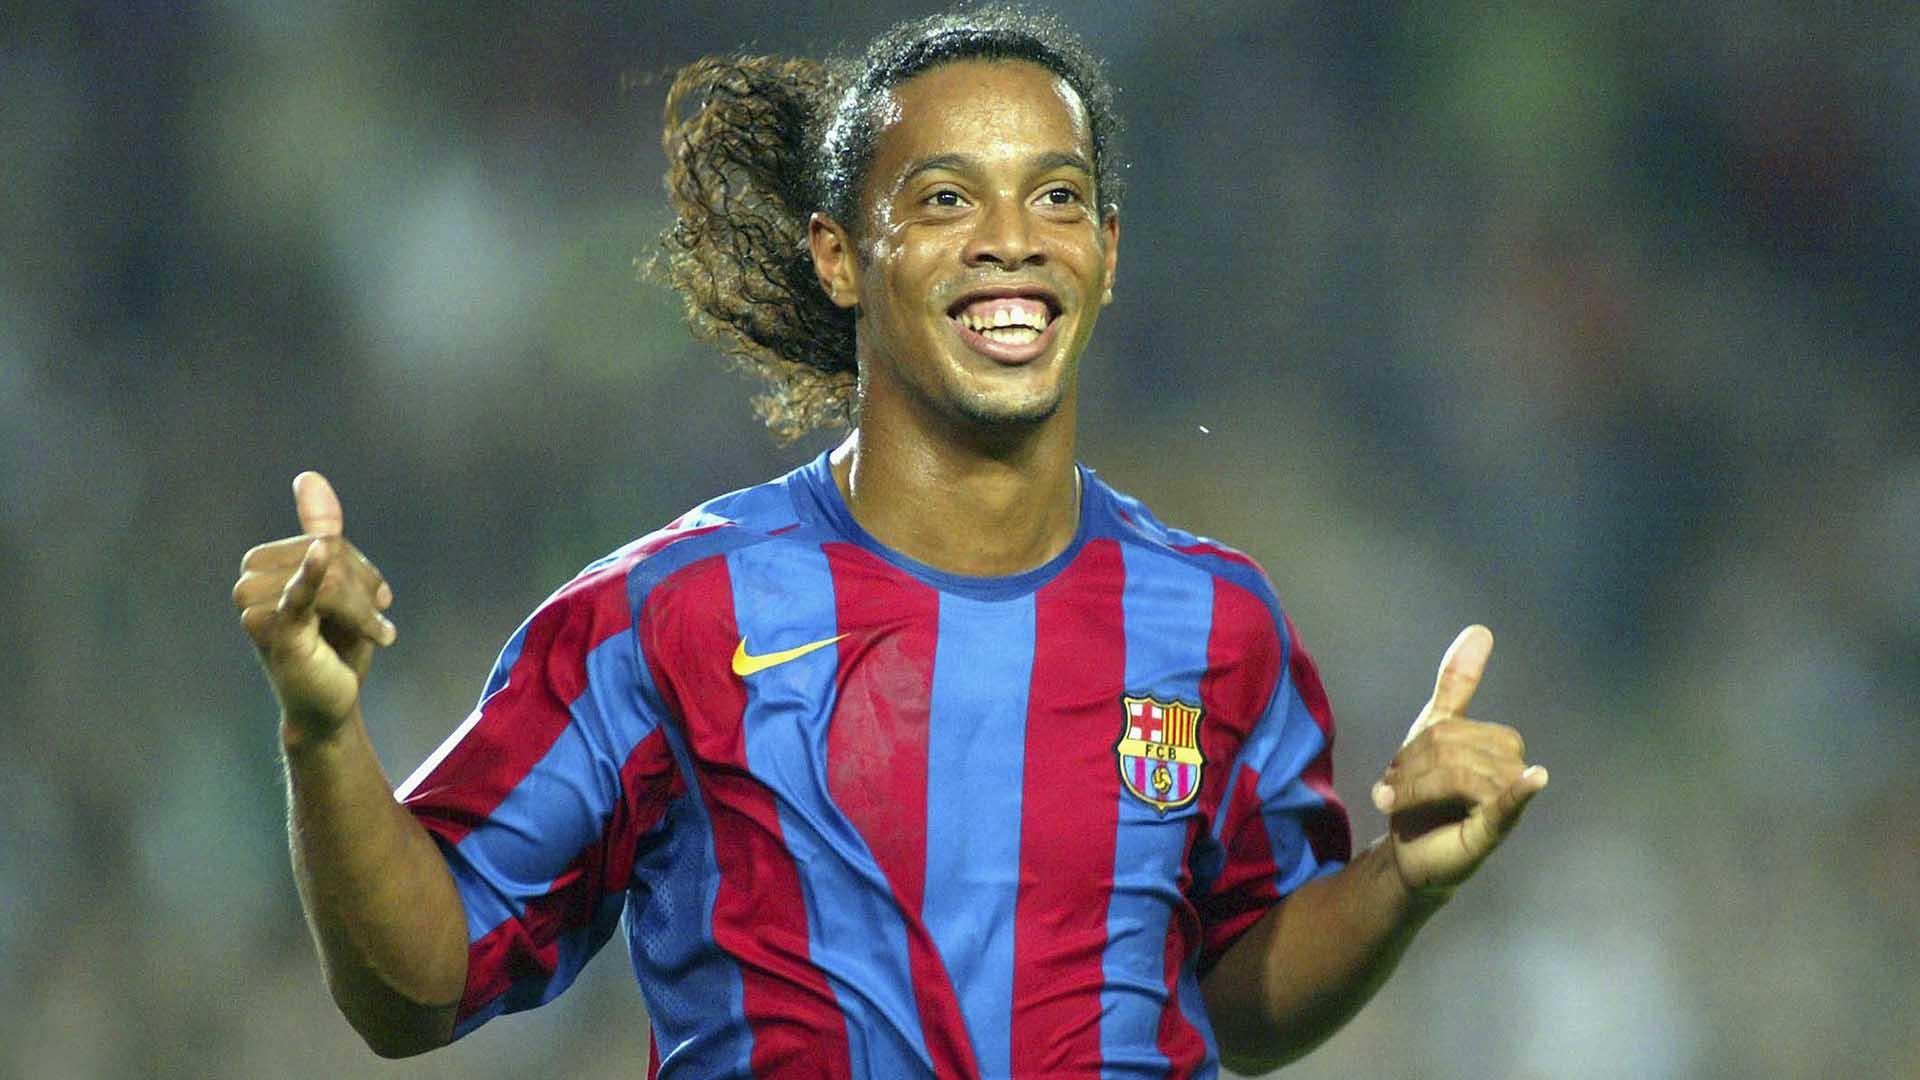 melhores jogadores do campeonato espanhol ronaldinho